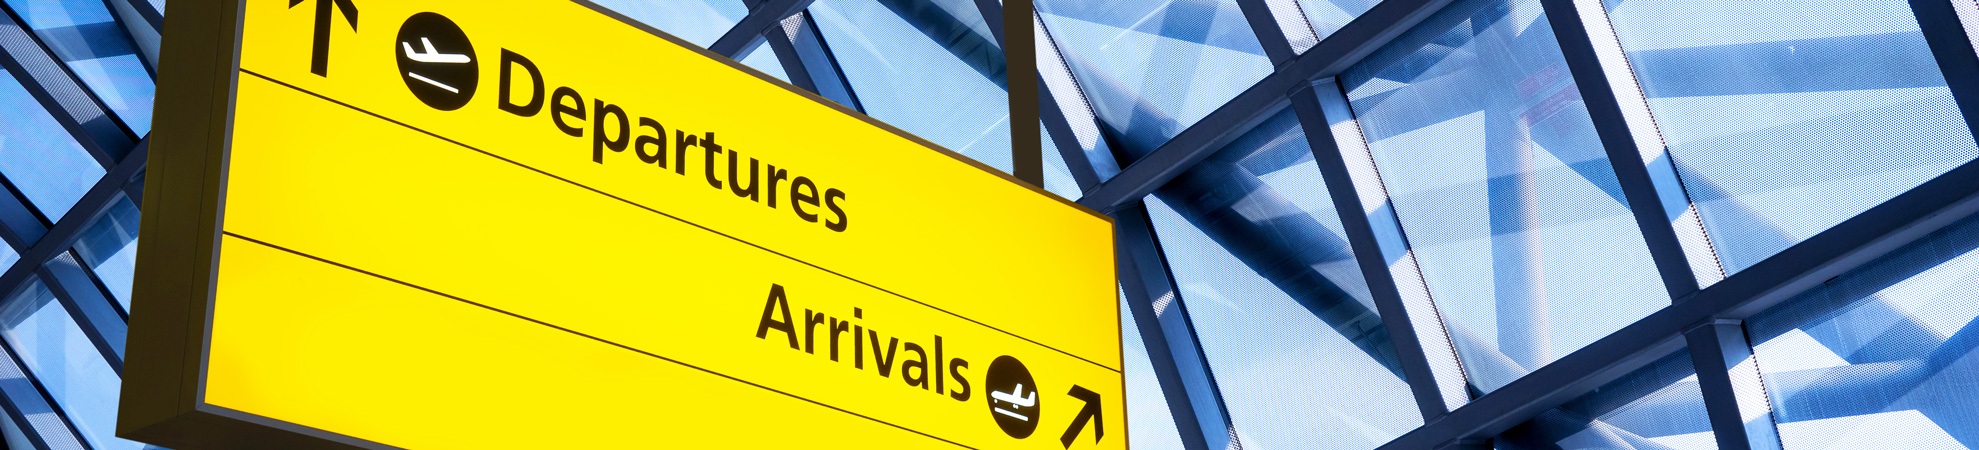 Conseils pratiques pour améliorer votre expérience à l'aéroport l'ors d'un circuit en Indonésie